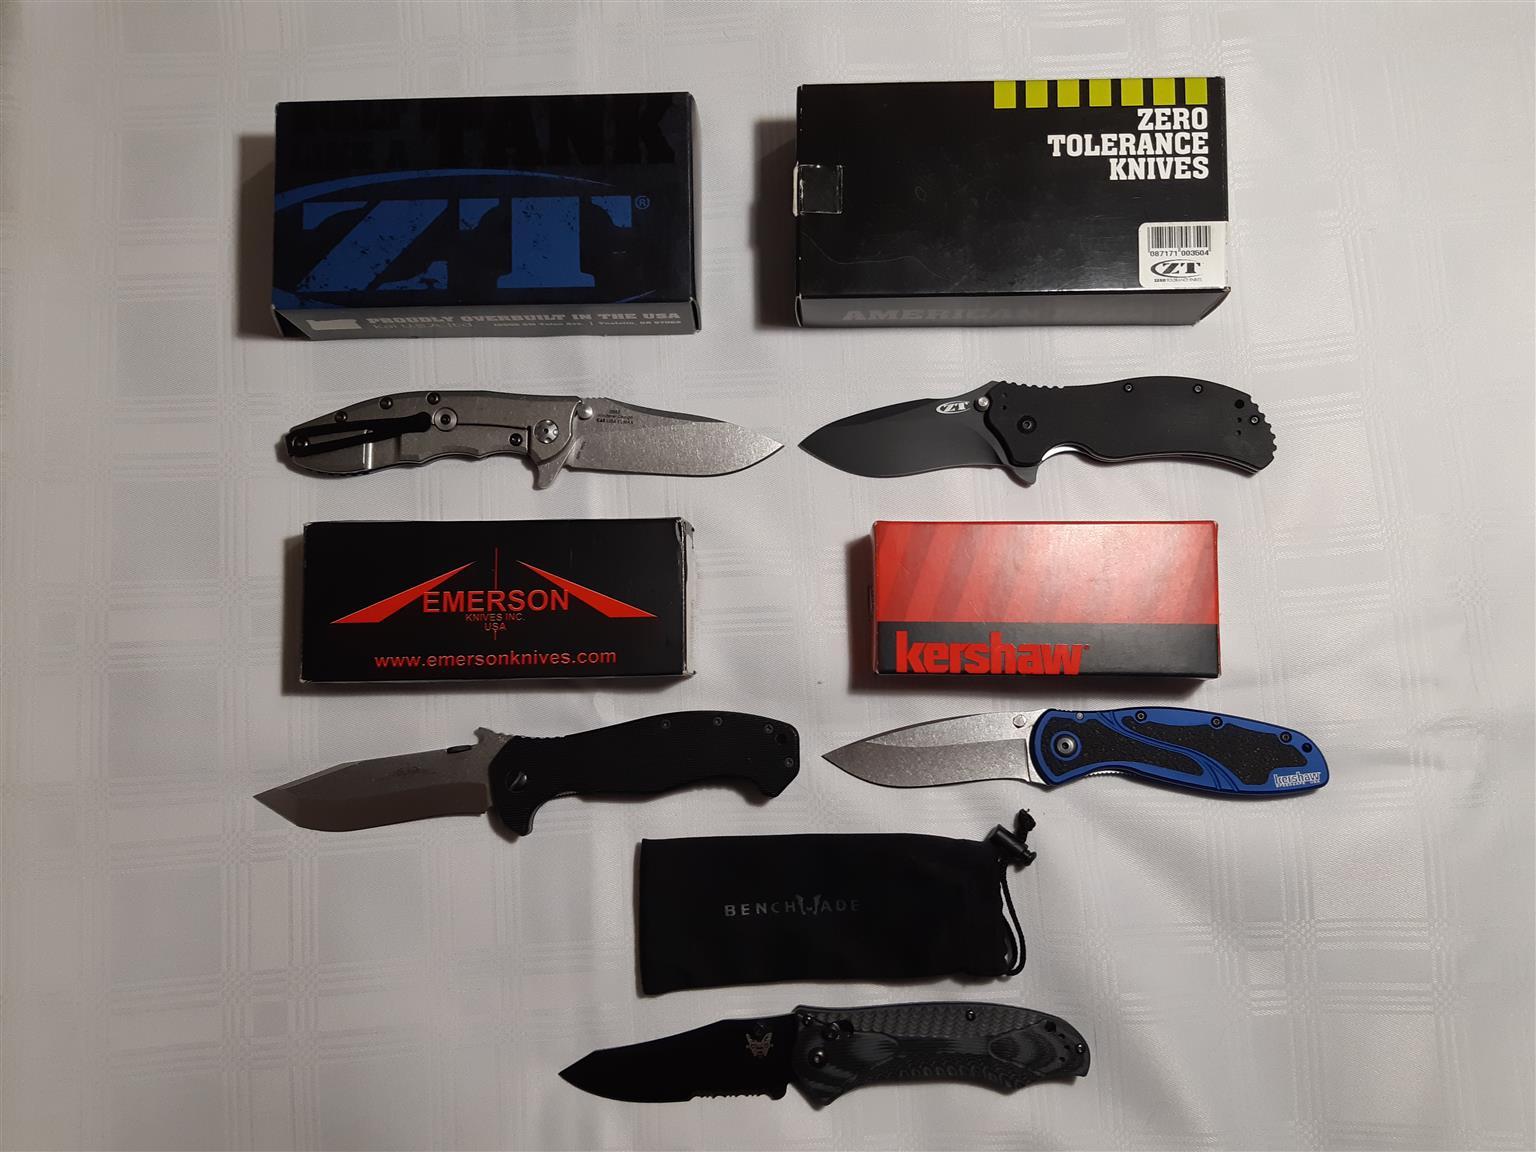 Knives - Benchmade